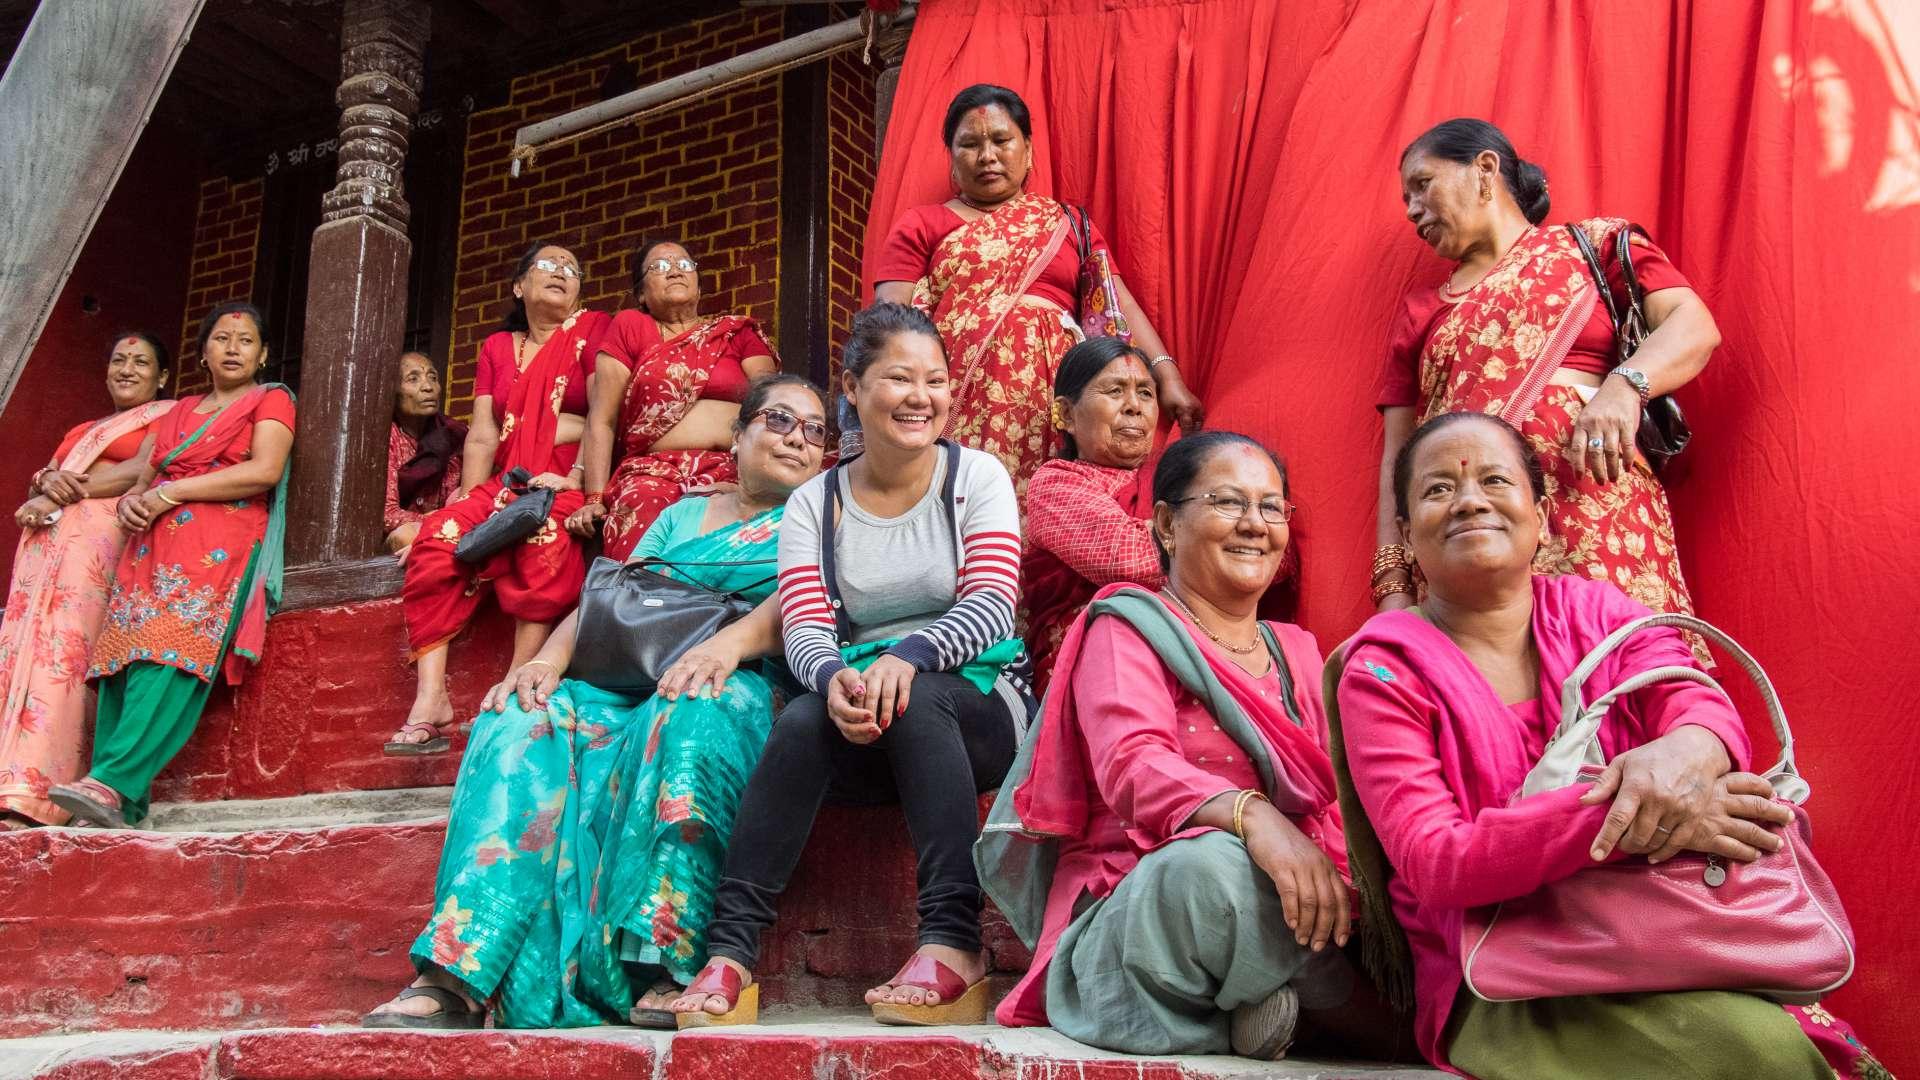 Frauenpower oder auch Amusement auf nepali